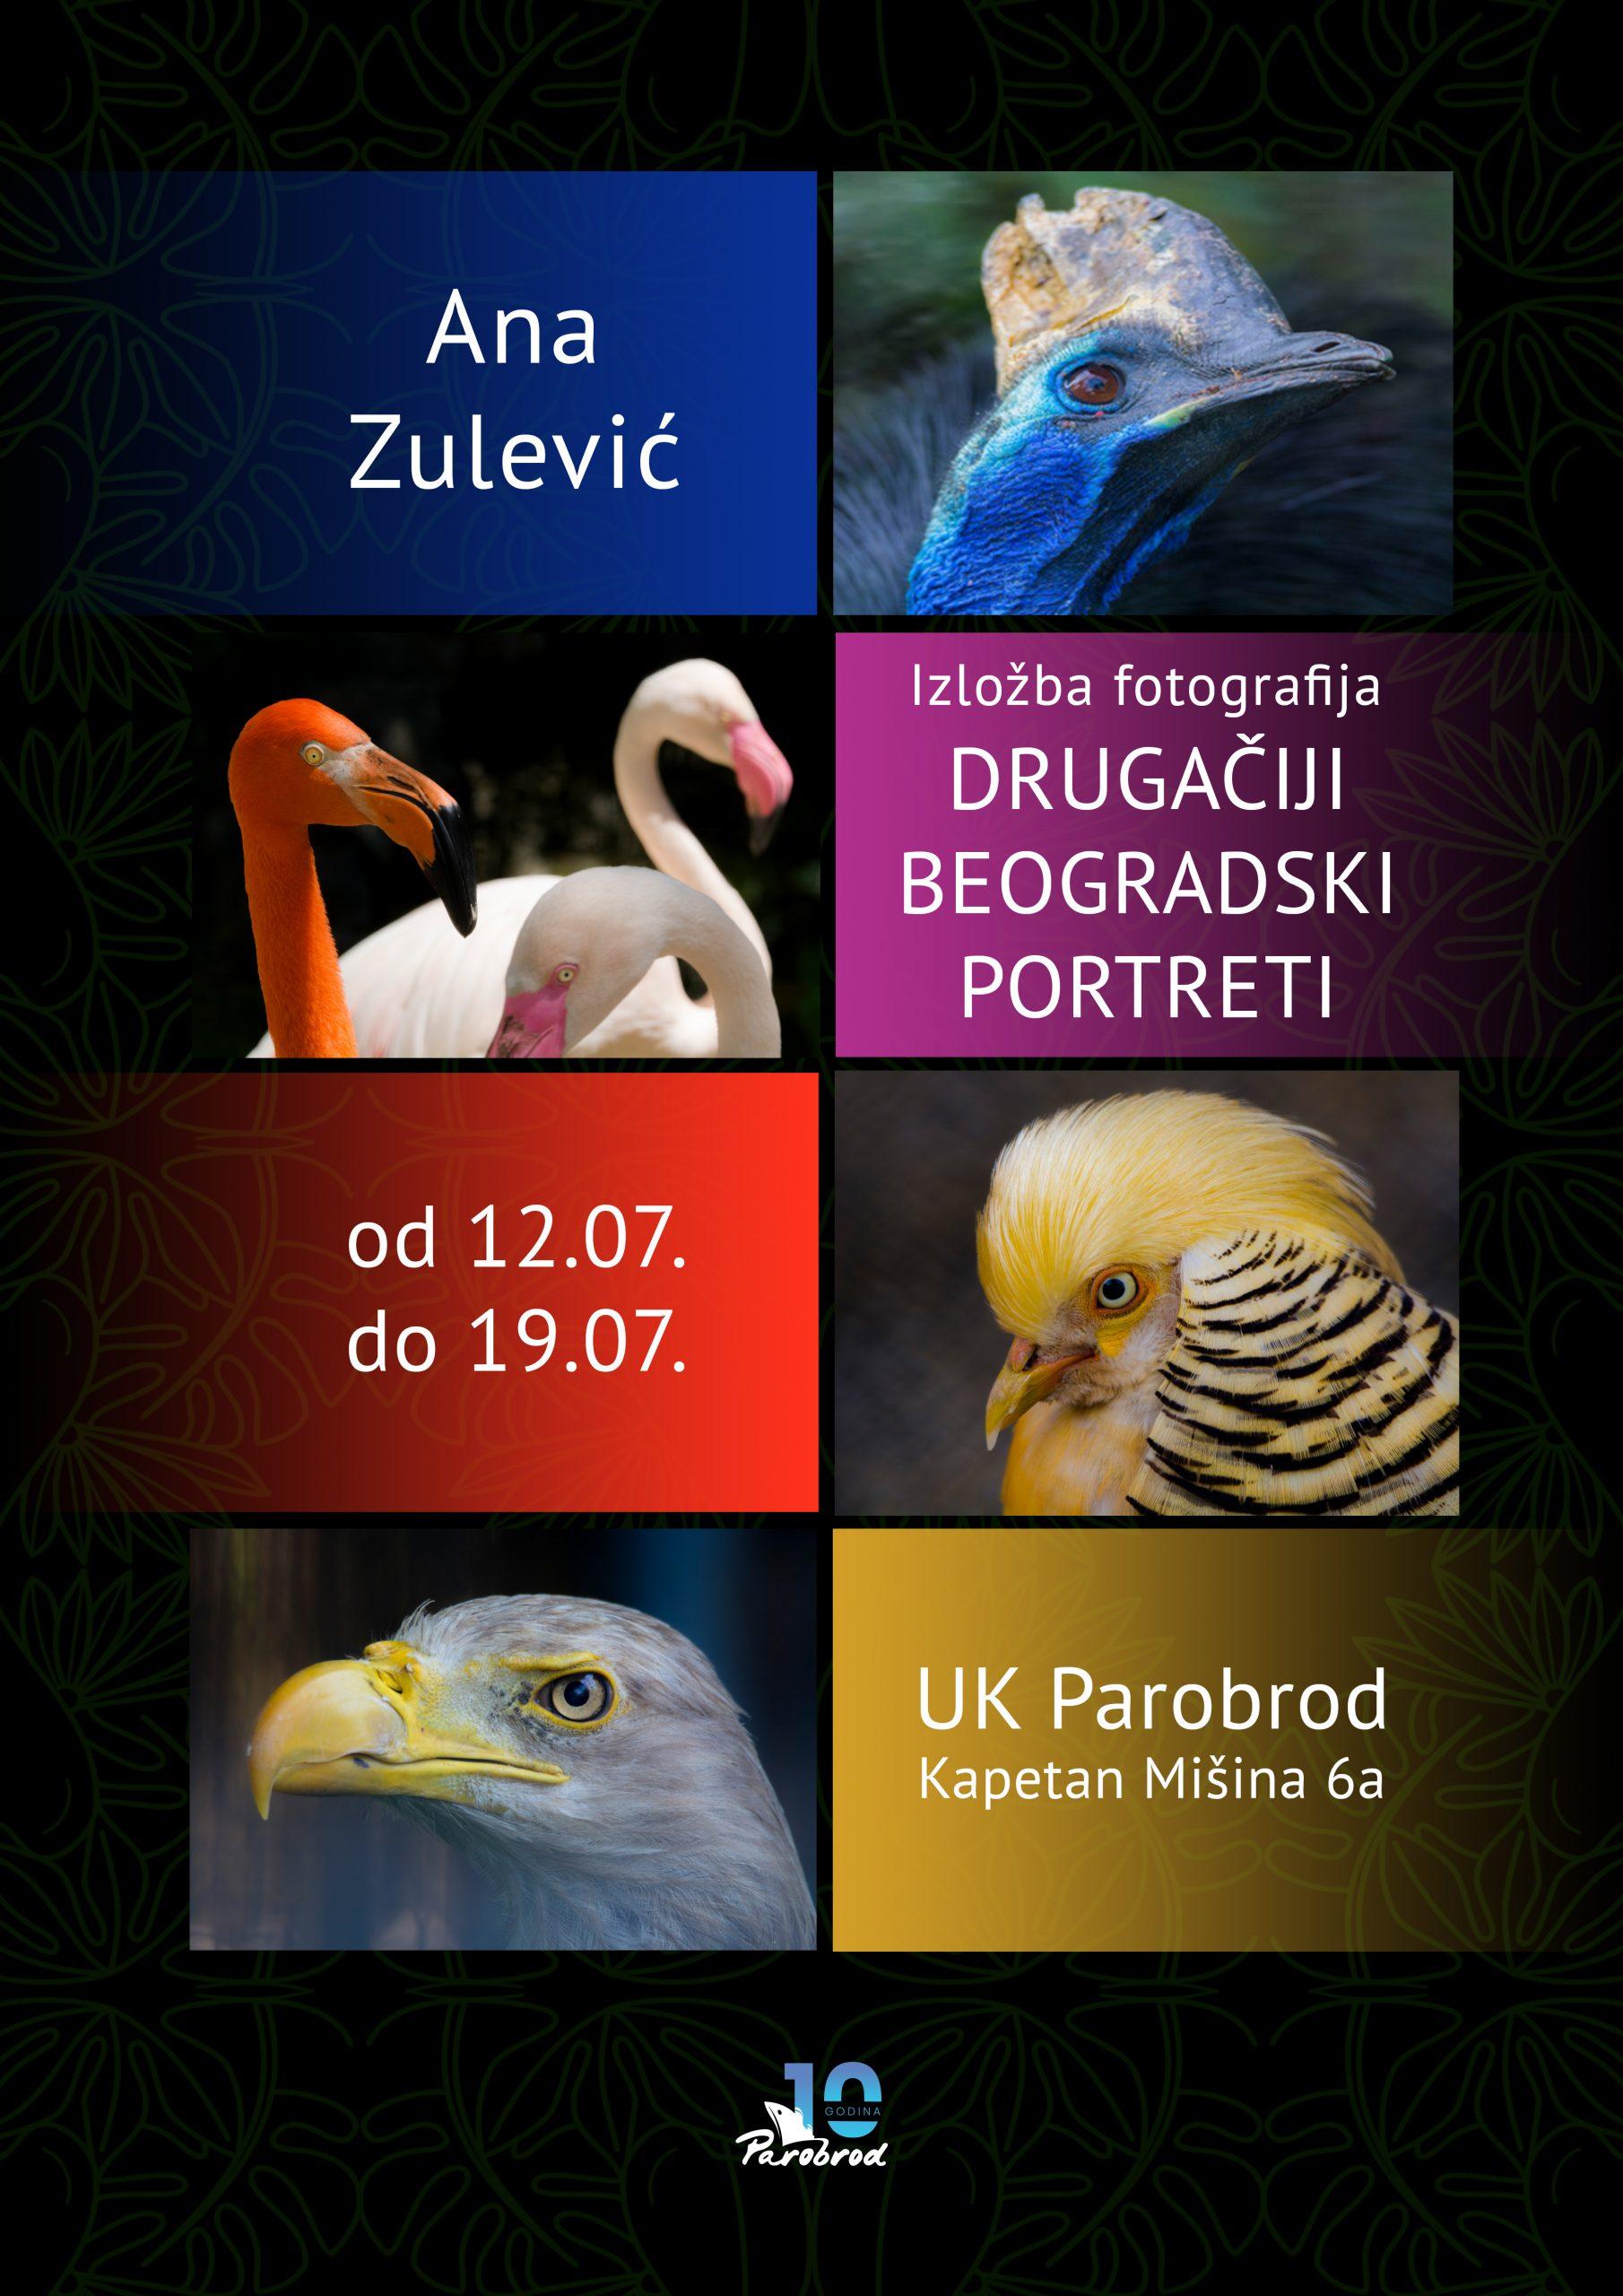 """Izložba fotografija """"Drugačiji beogradski portreti"""""""